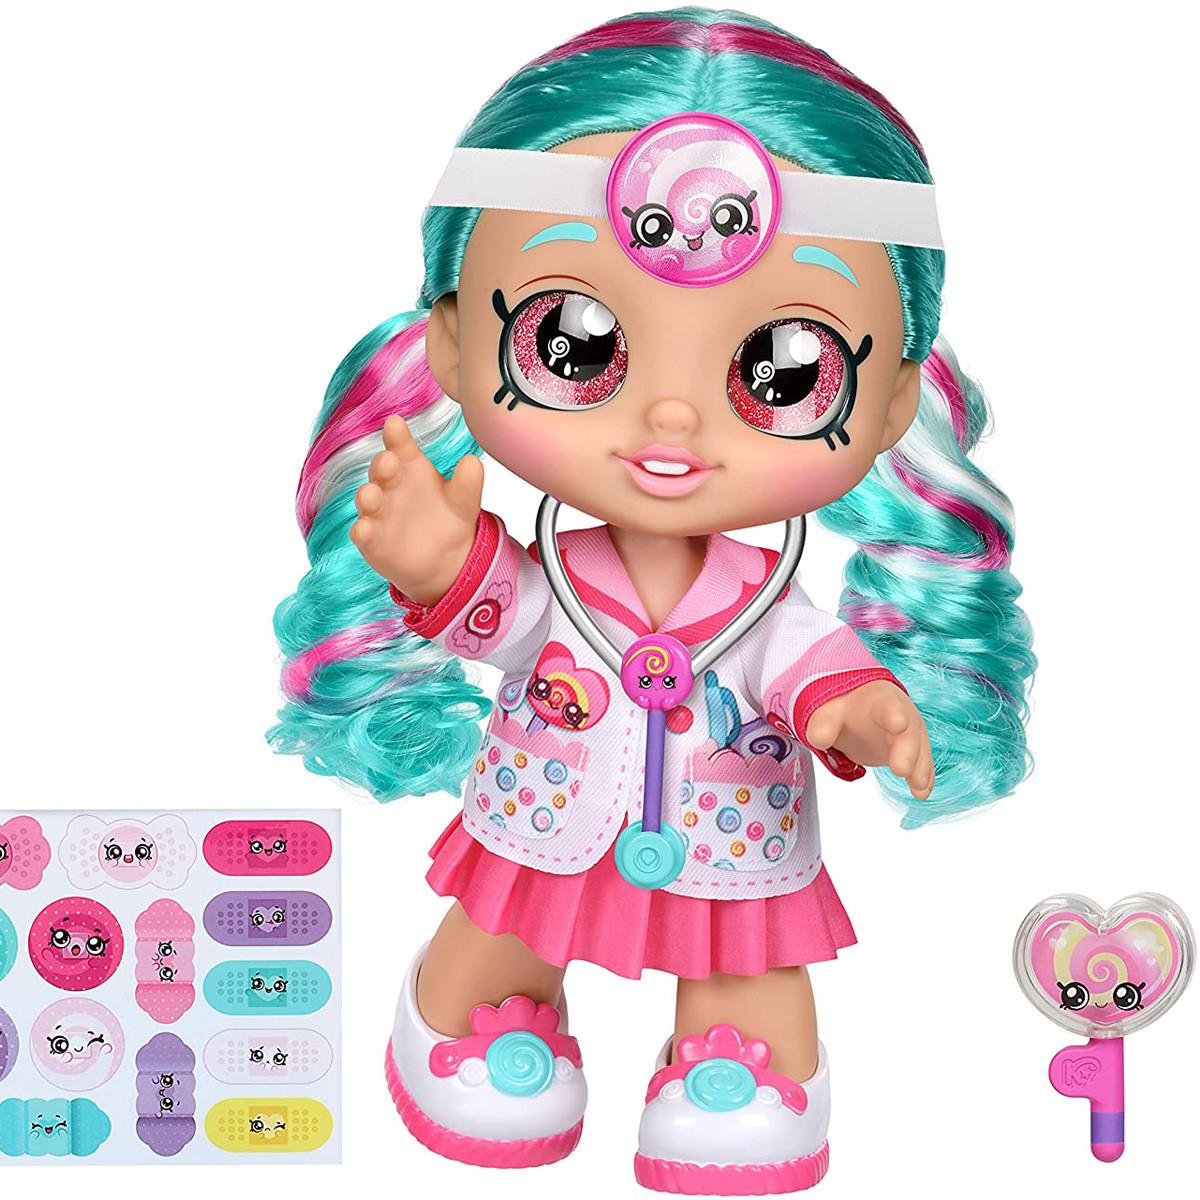 Кукла Кинди Кидс доктор Синди Попс от Moose Kindi Kids Cindy Pops 50036